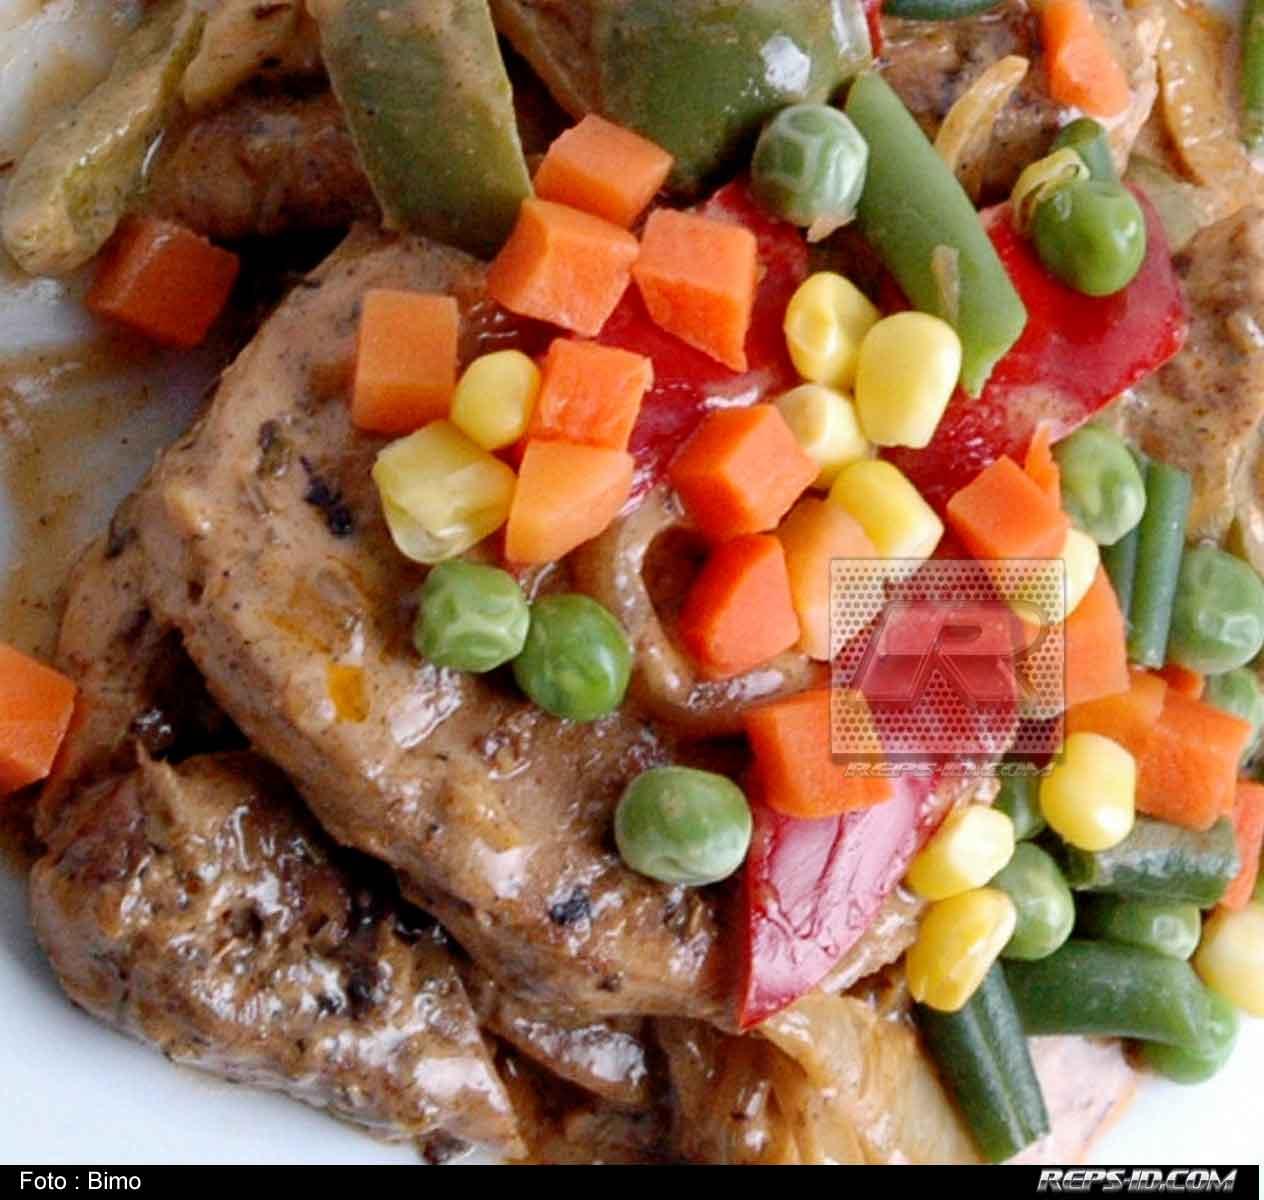 Macam-macam Diet Sehat yang Populer